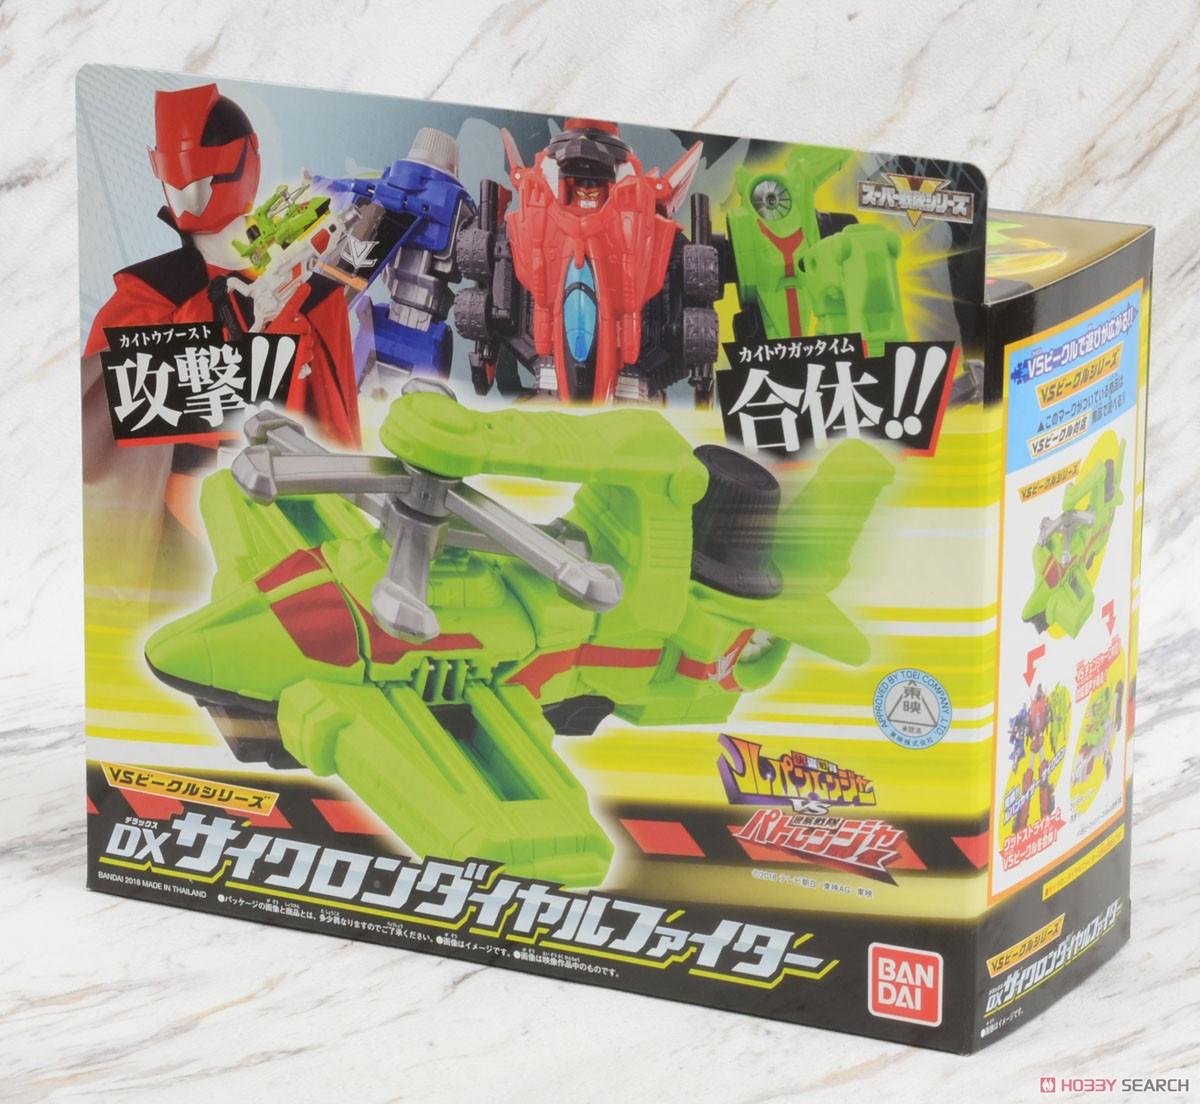 (มี1รอเมลฉบับี่2 ยืนยันก่อนโอน )VS Vehicle Series DX Cyclone Dial Fighter (Character Toy)